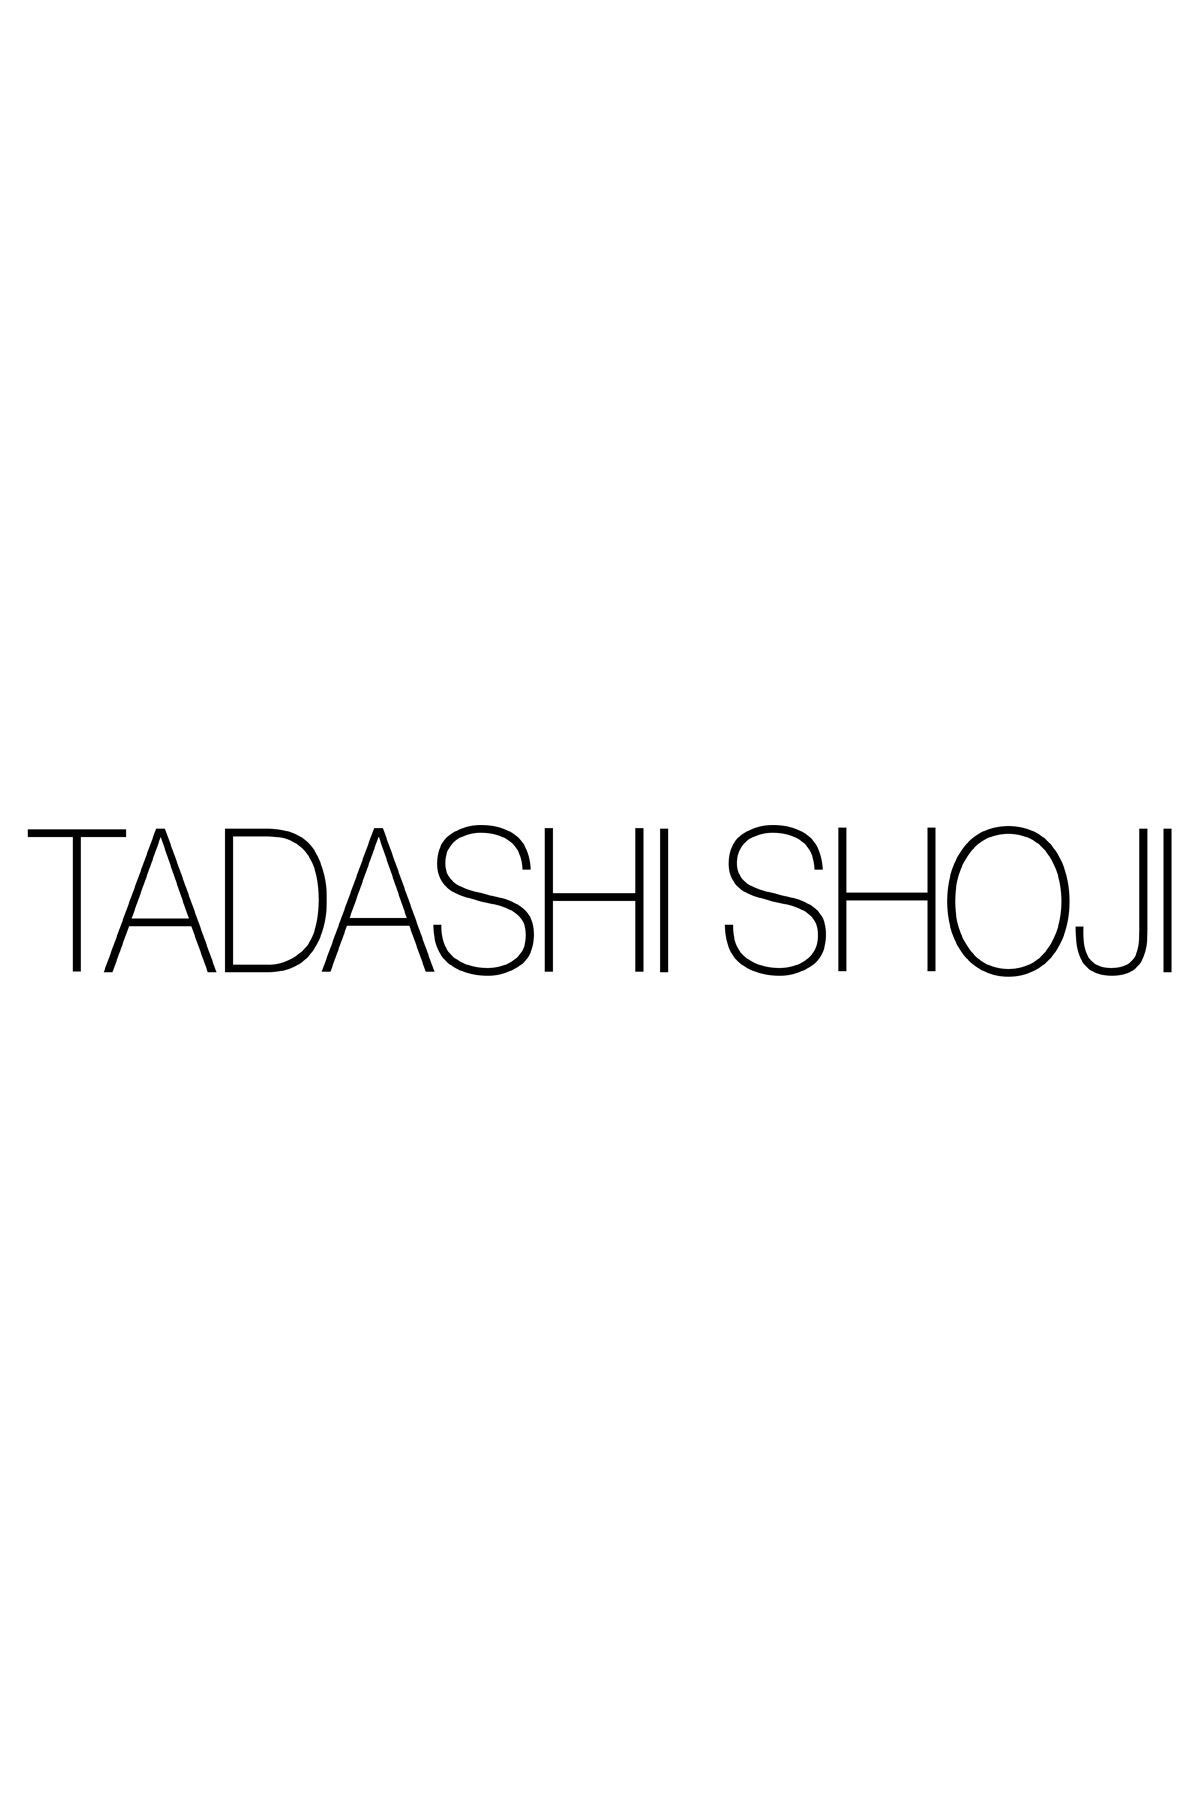 Tadashi Shoji - Peony Embroidered Oval Clutch